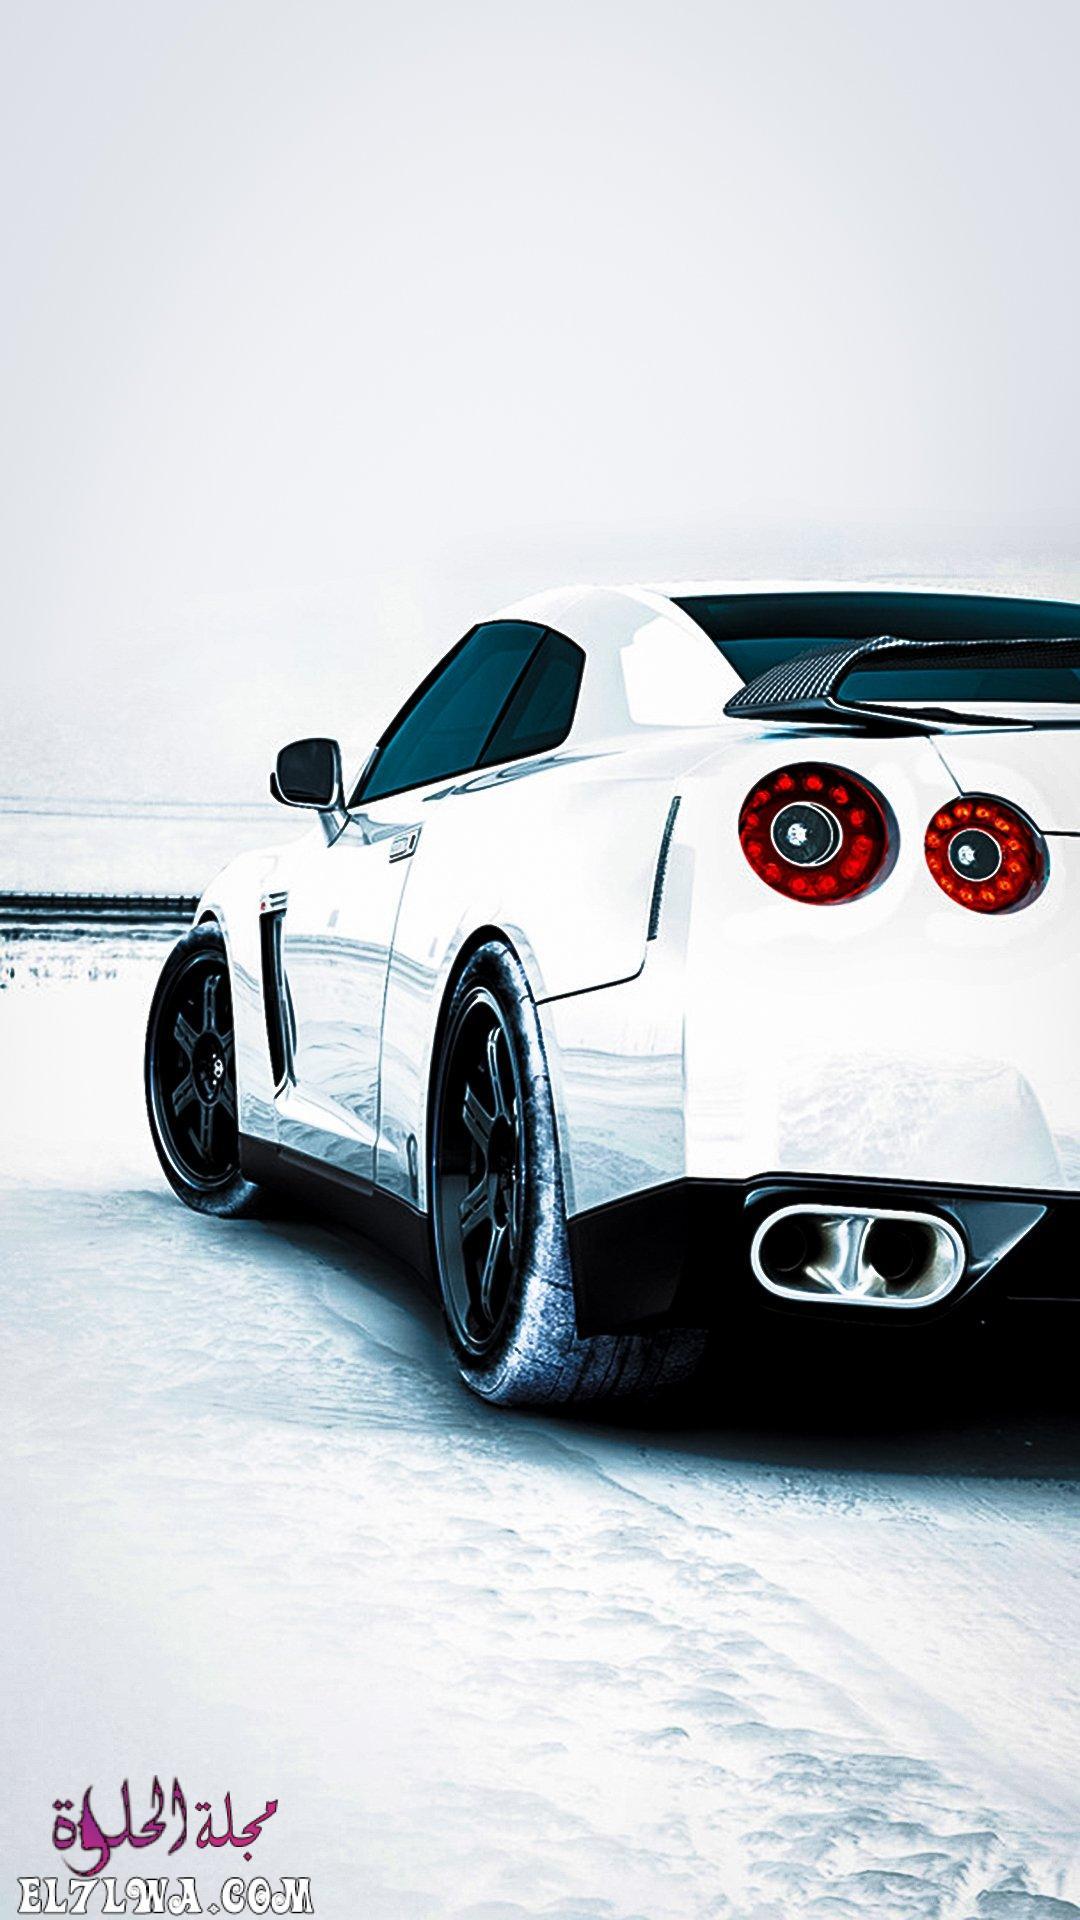 تحميل صور سيارات بيضاء